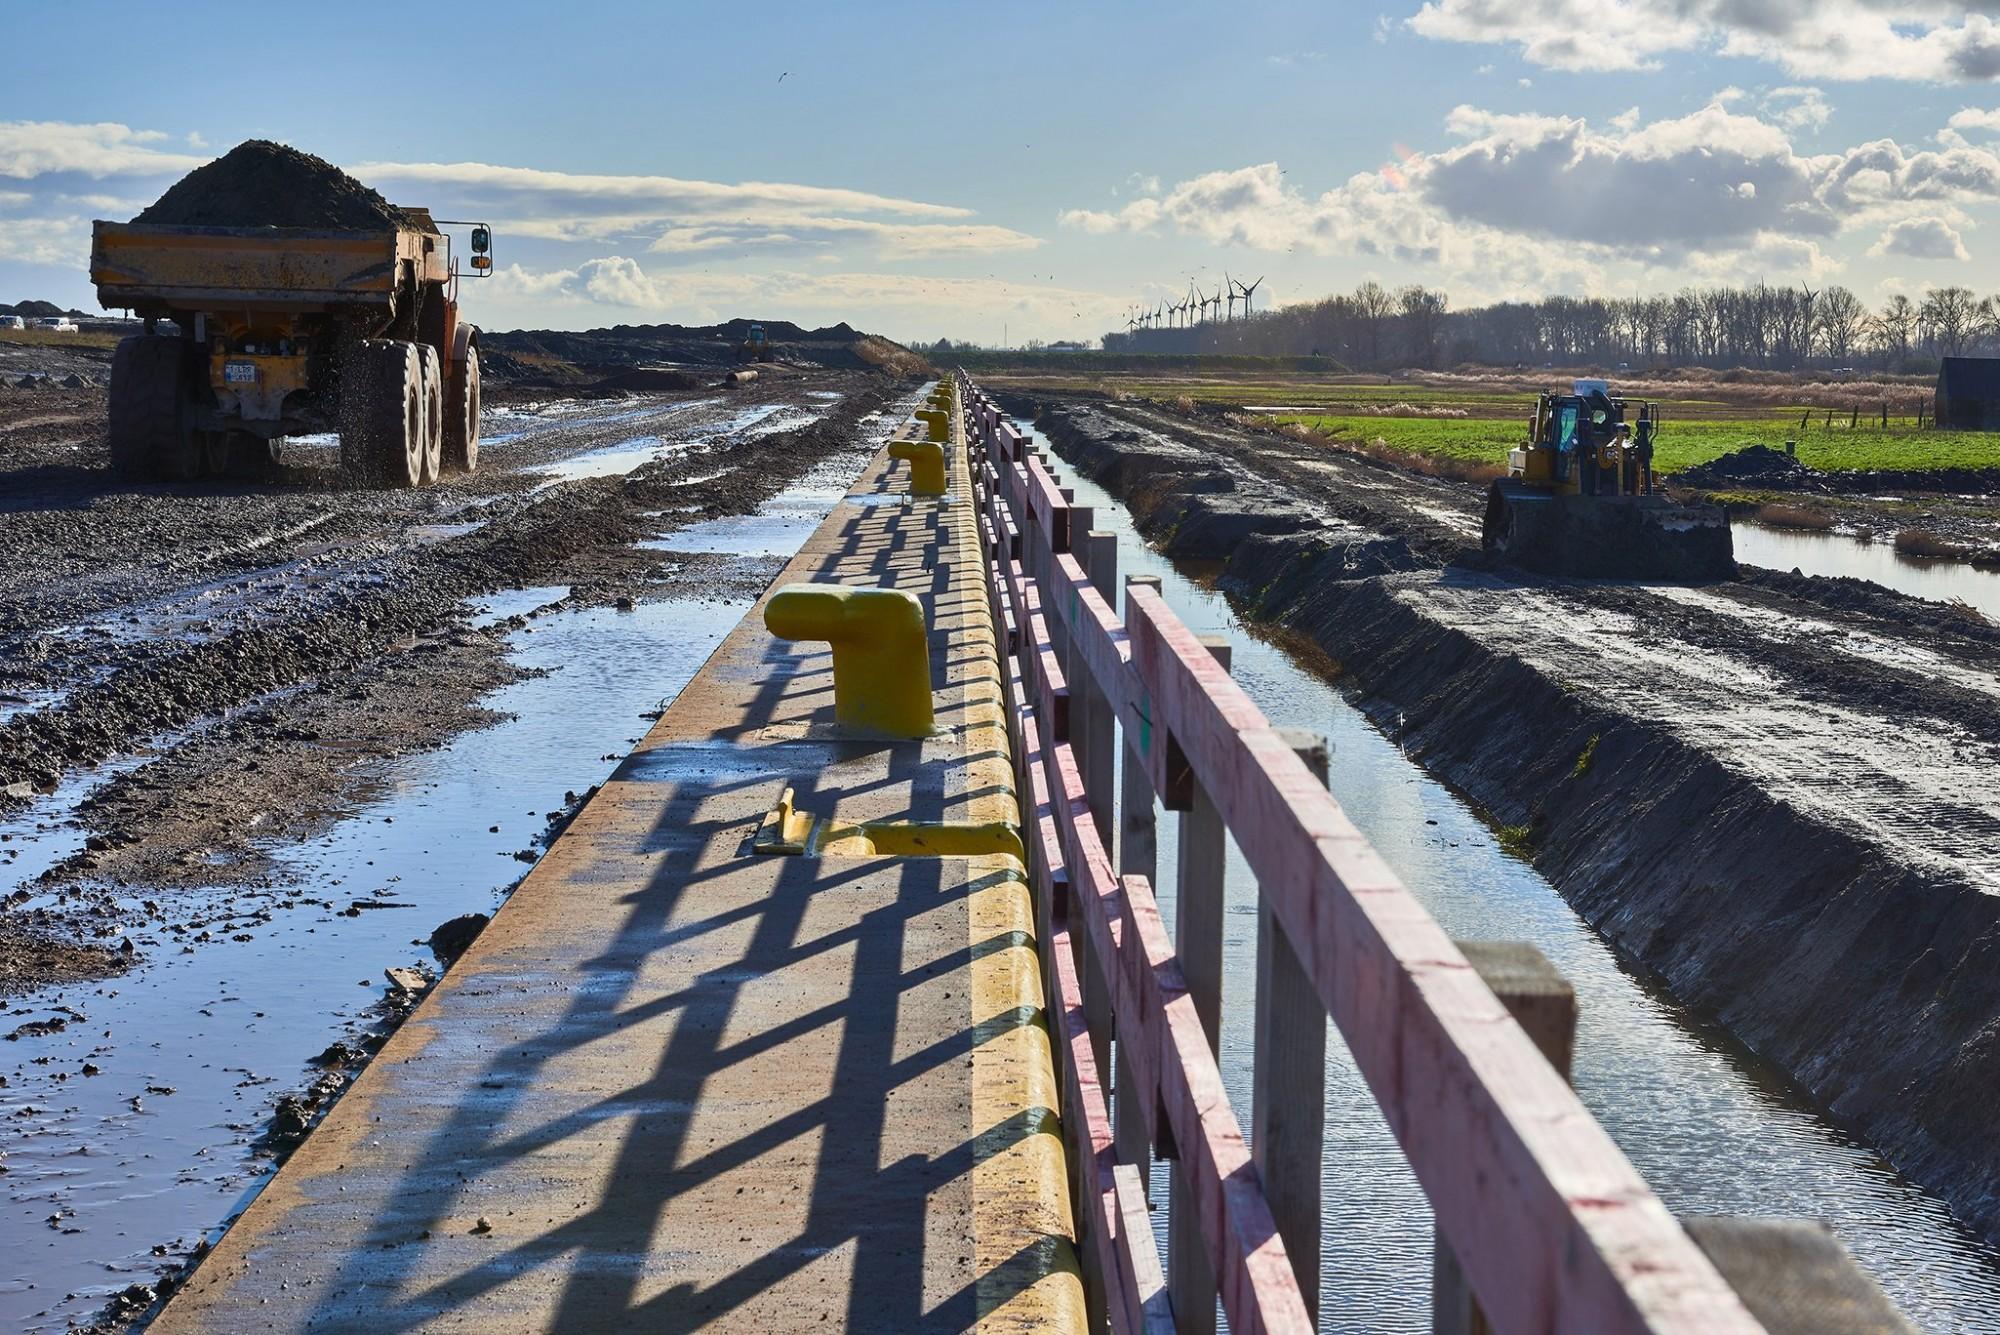 Afbeelding: Werffotografie, grondwerken aanleg dok Zeebrugge voor Lantis, Oosterweelverbinding, foto Van Huffel.